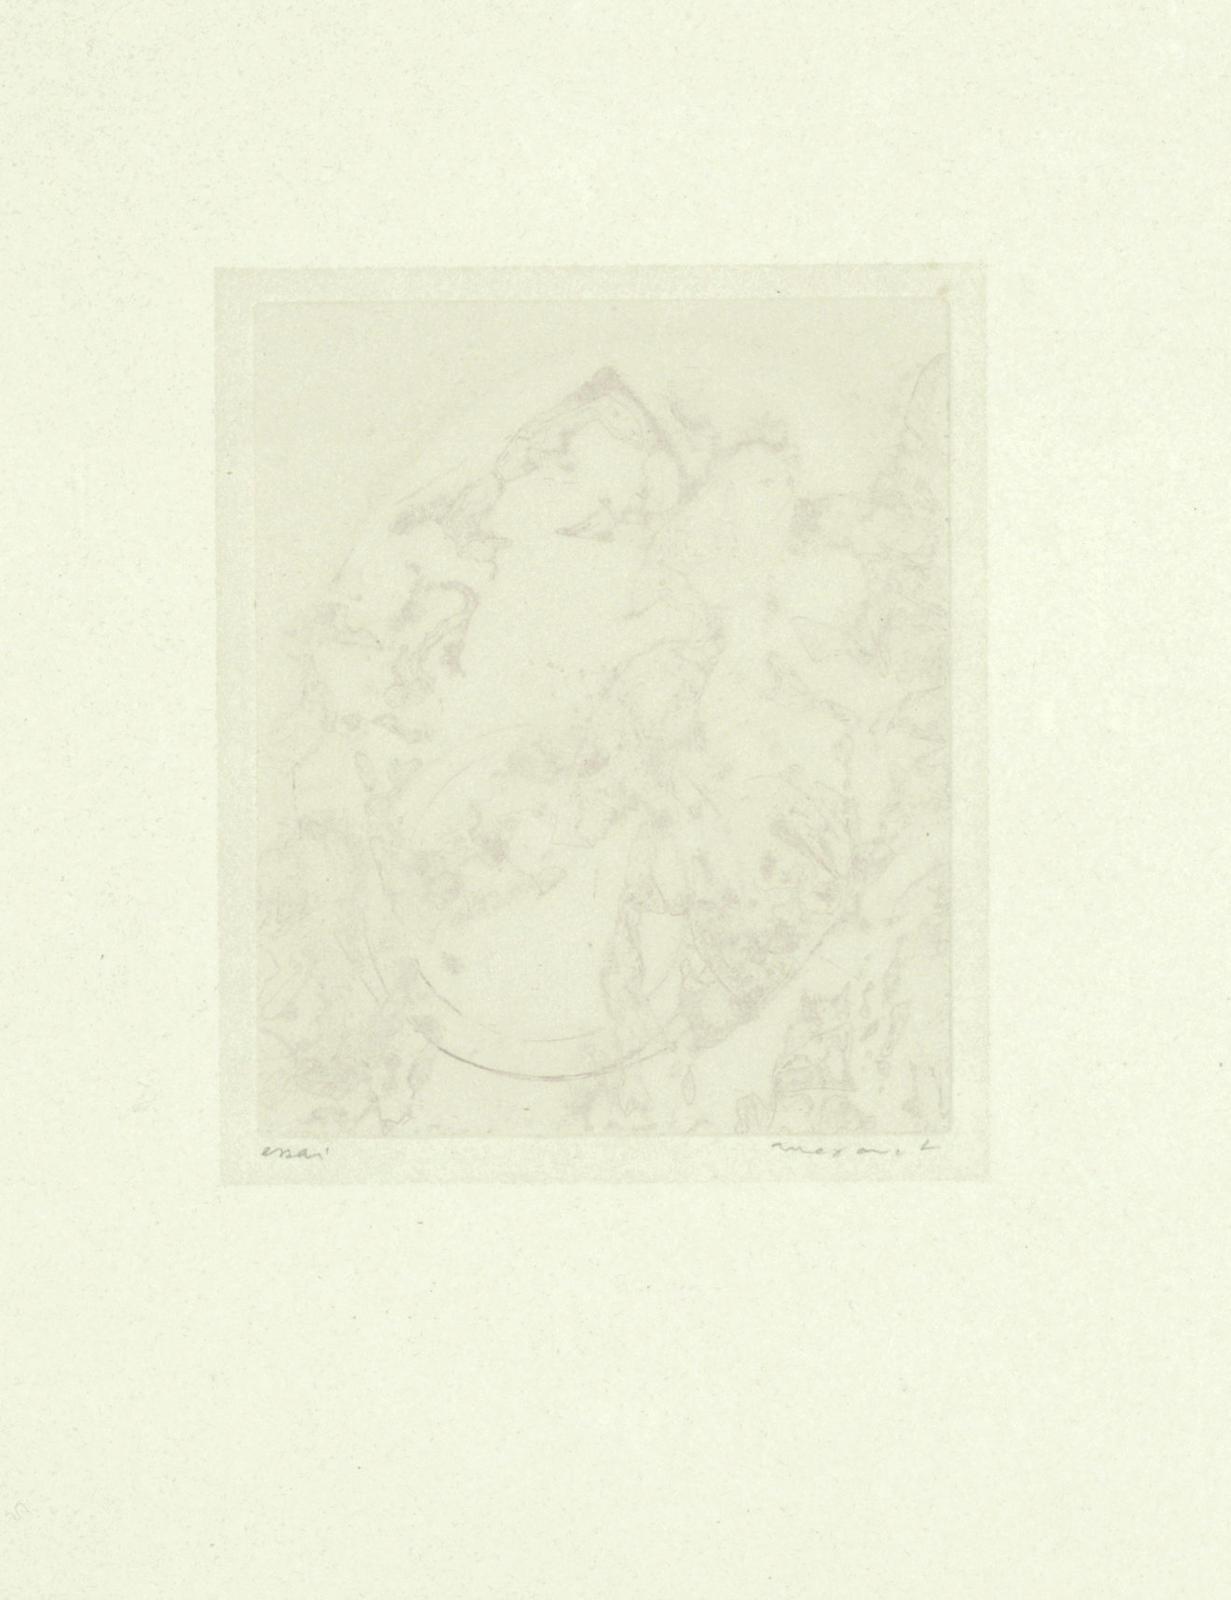 Max Ernst-Fete de Paix, from 'Poems'-1961